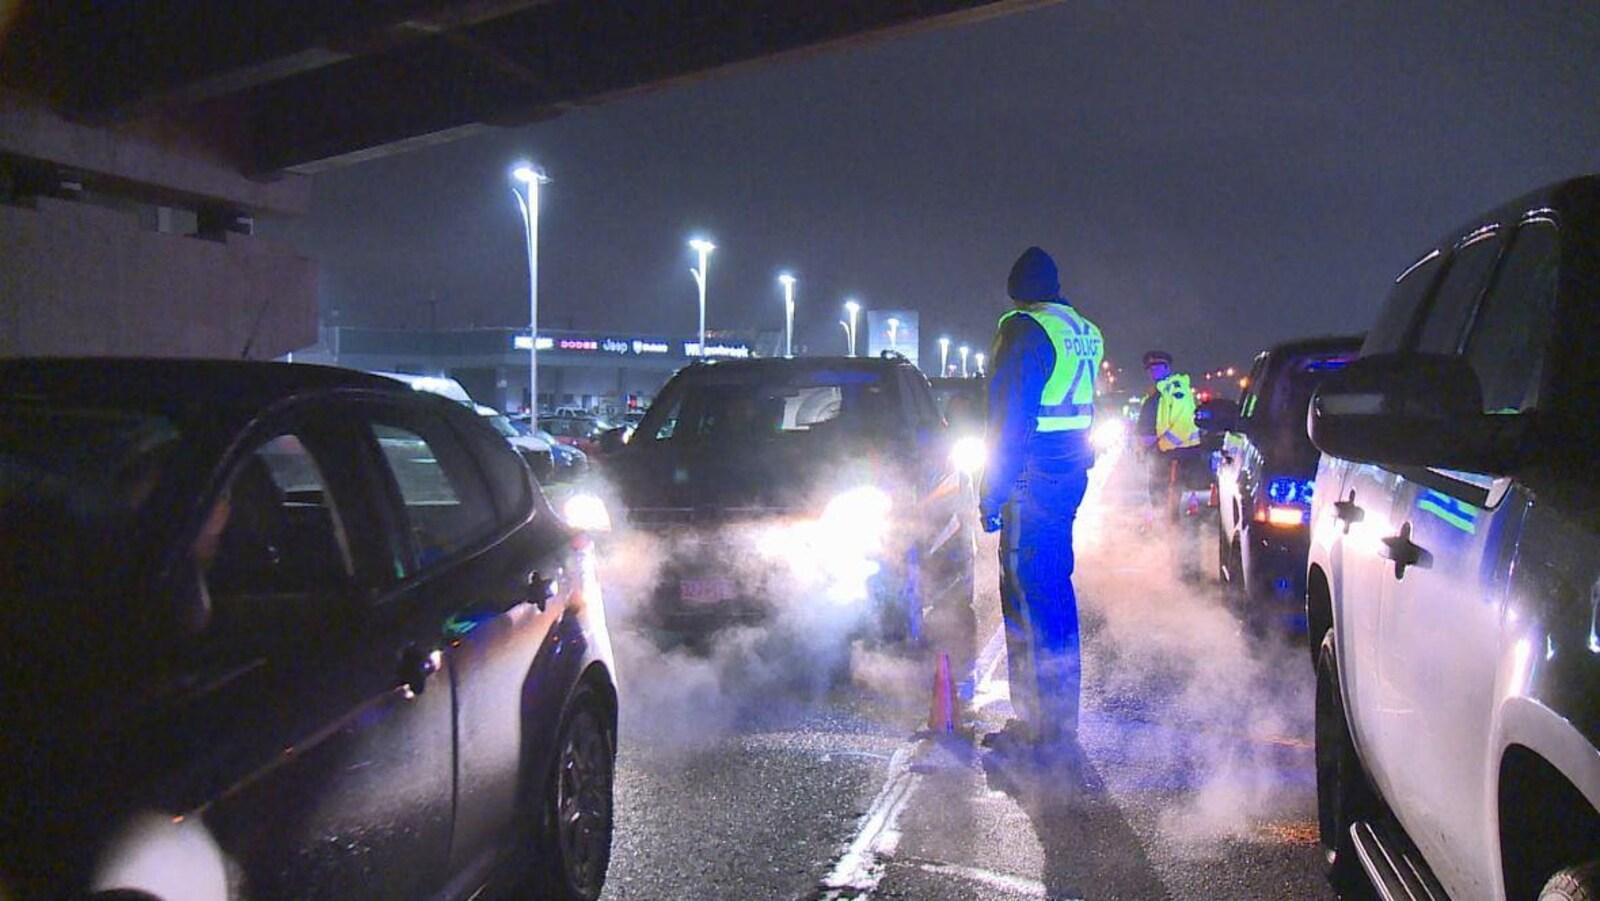 Deux policers, le soir, entre deux files de voiture.